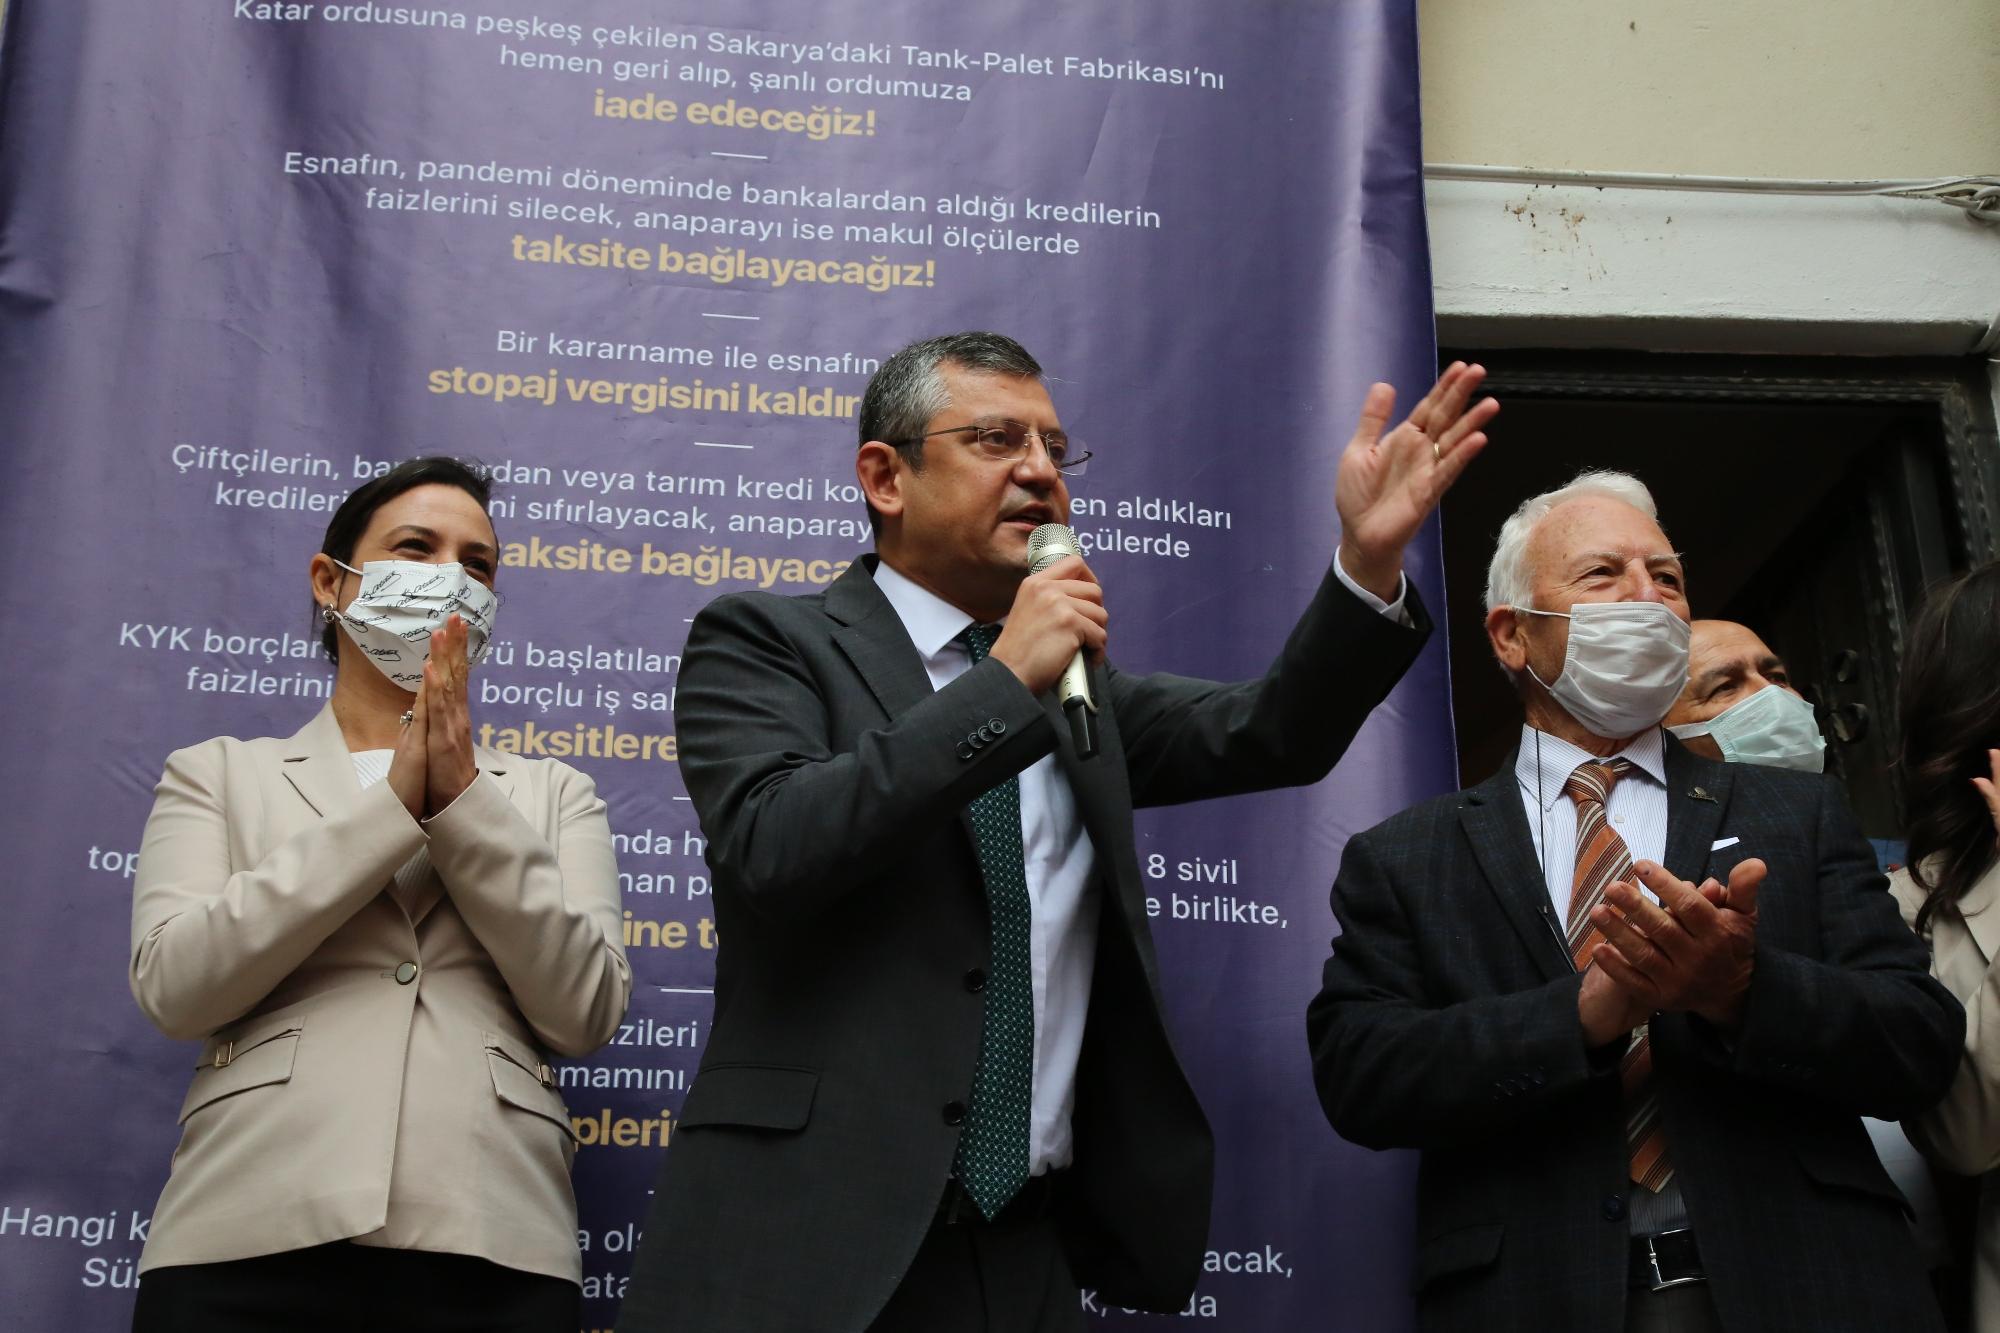 ÖZGÜR ÖZEL'DEN BAŞKAN SENGEL'E DESTEK ZİYARETİ: KARINCANIN DA KARDEŞİ VAR